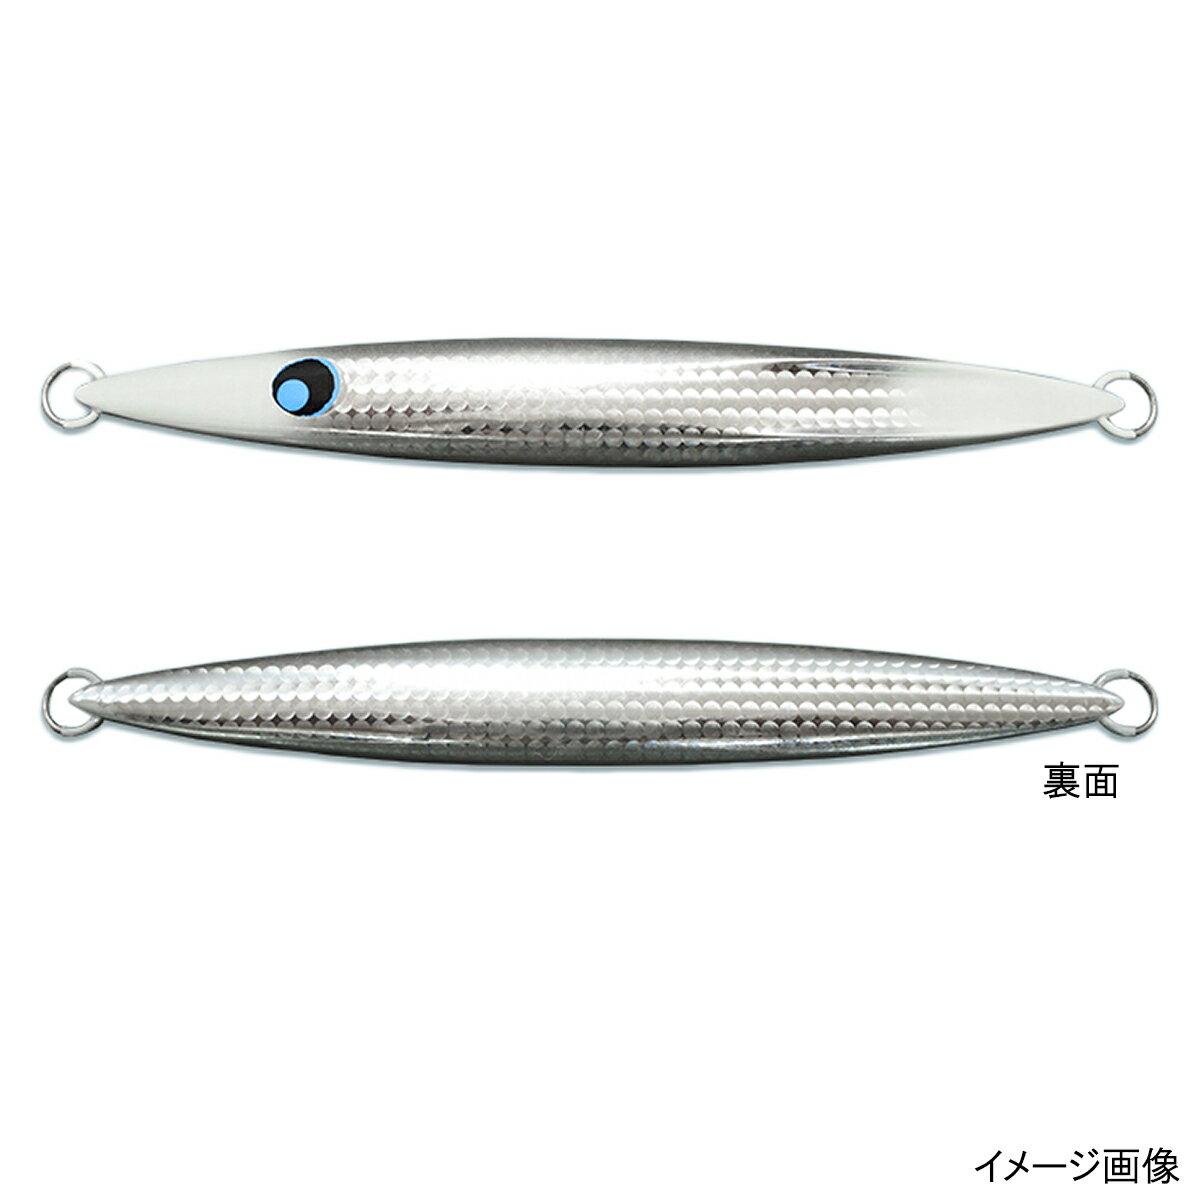 ウロコジグ オリジナル 120g #008(シルバーダブルエンドグロー)【ゆうパケット】